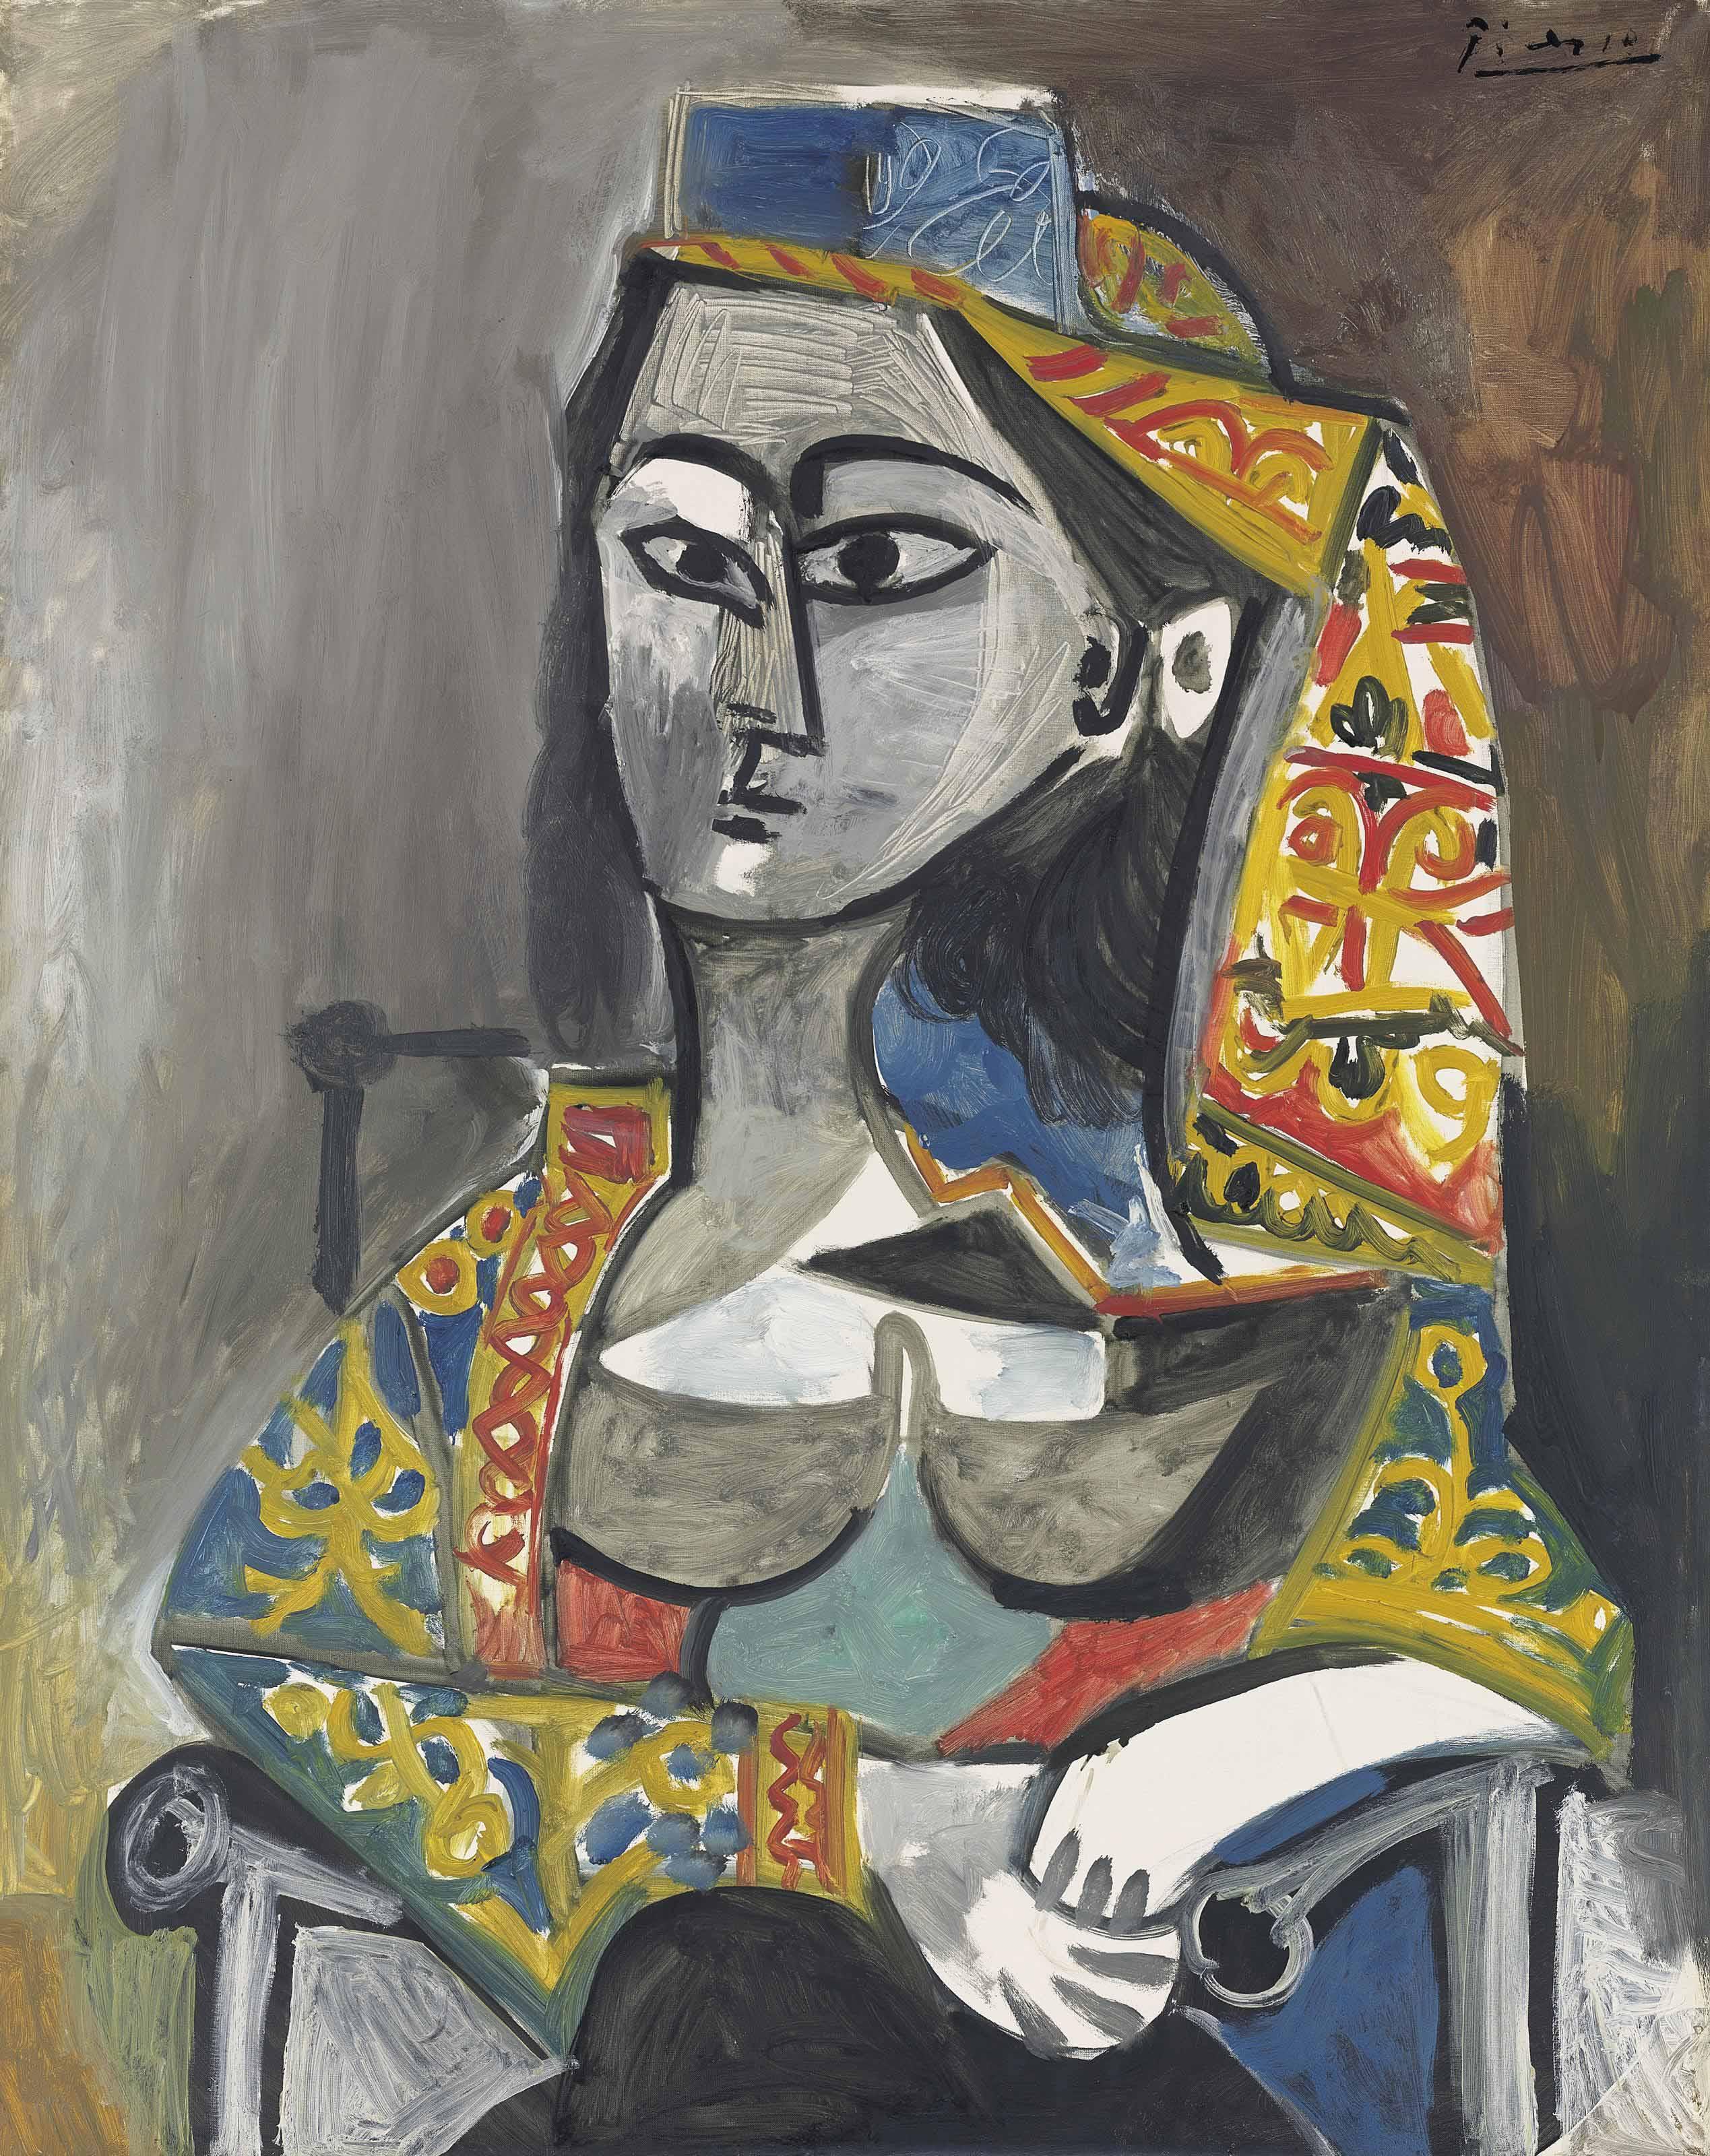 Audio: Pablo Picasso, Femme au costume turc dans un fauteuil